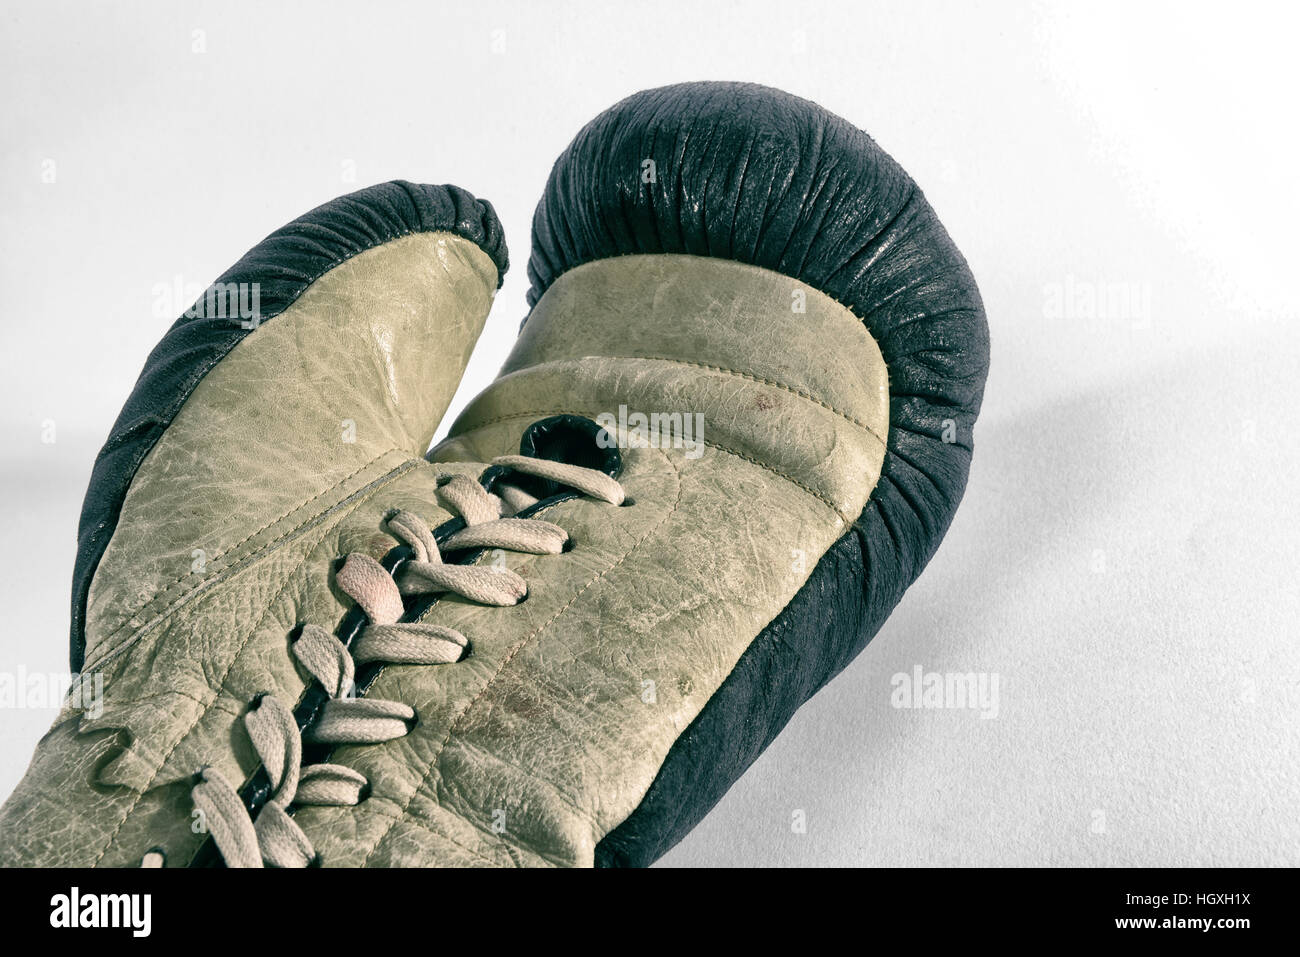 Vista de cosecha vintage Solo Boxeo Guante de cuero con cordones sentar sobre la superficie blanca Imagen De Stock